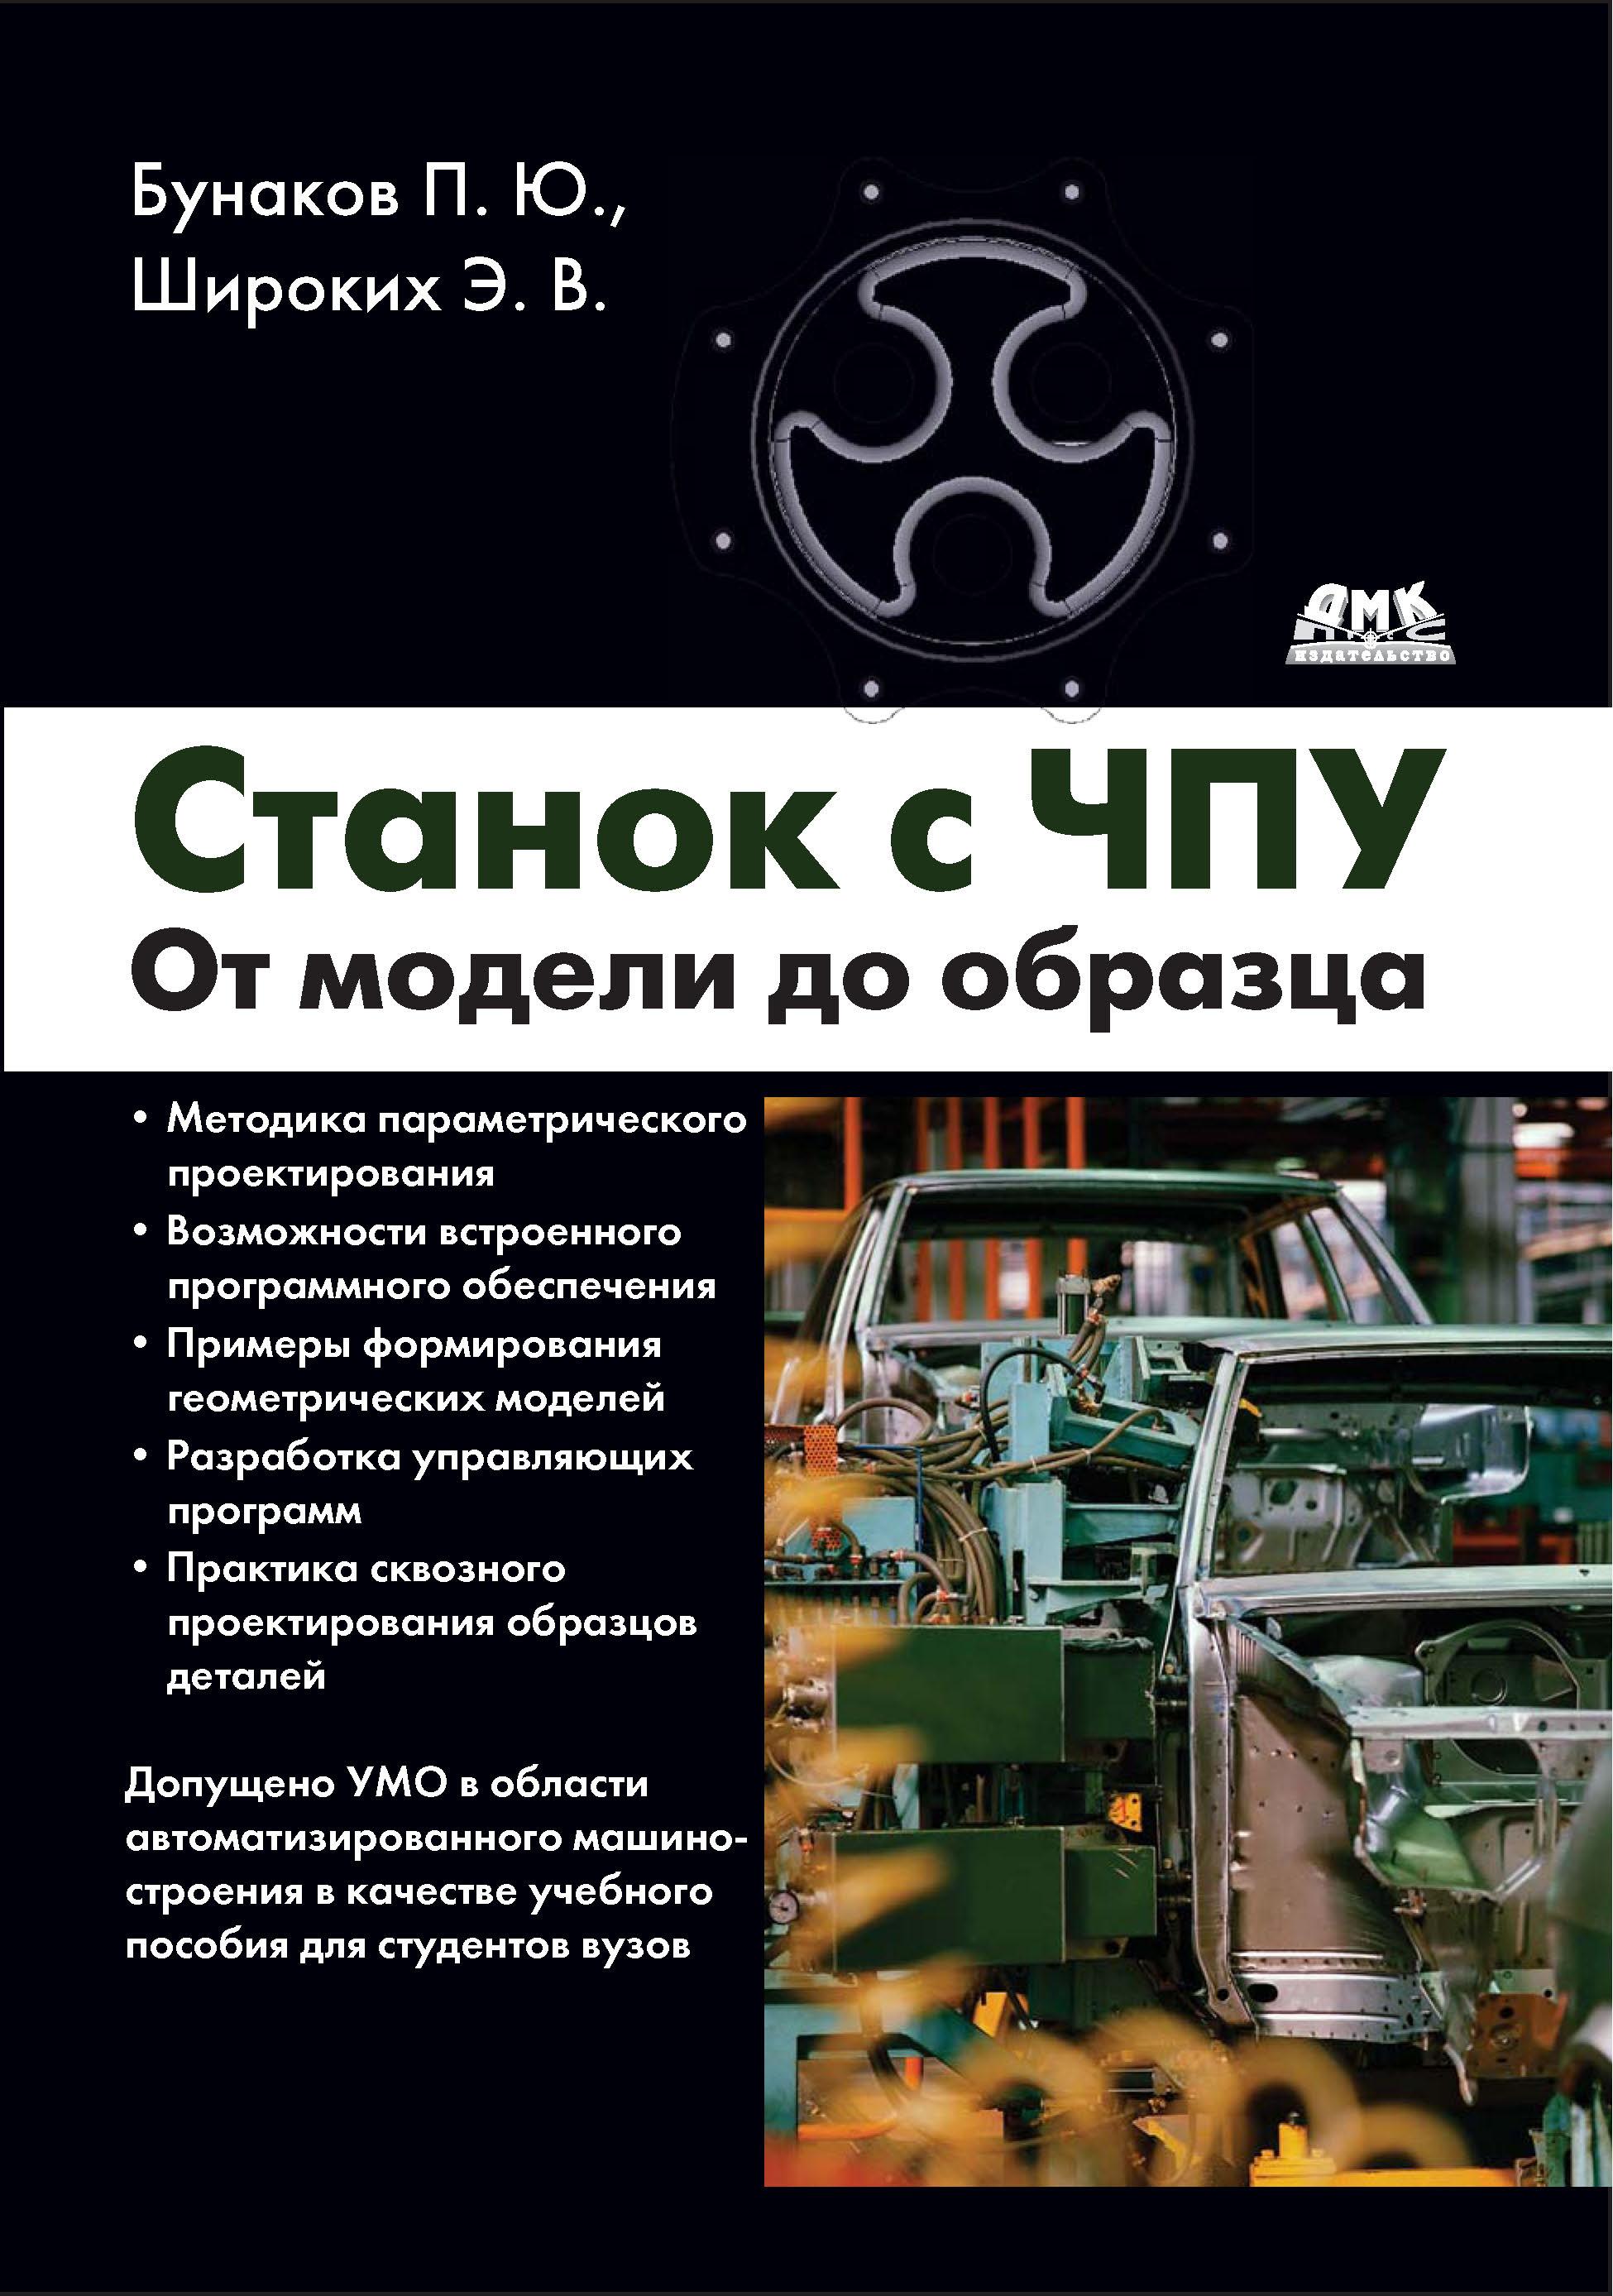 П. Ю. Бунаков Станок с ЧПУ. От модели до образца п ю бунаков станок с чпу от модели до образца